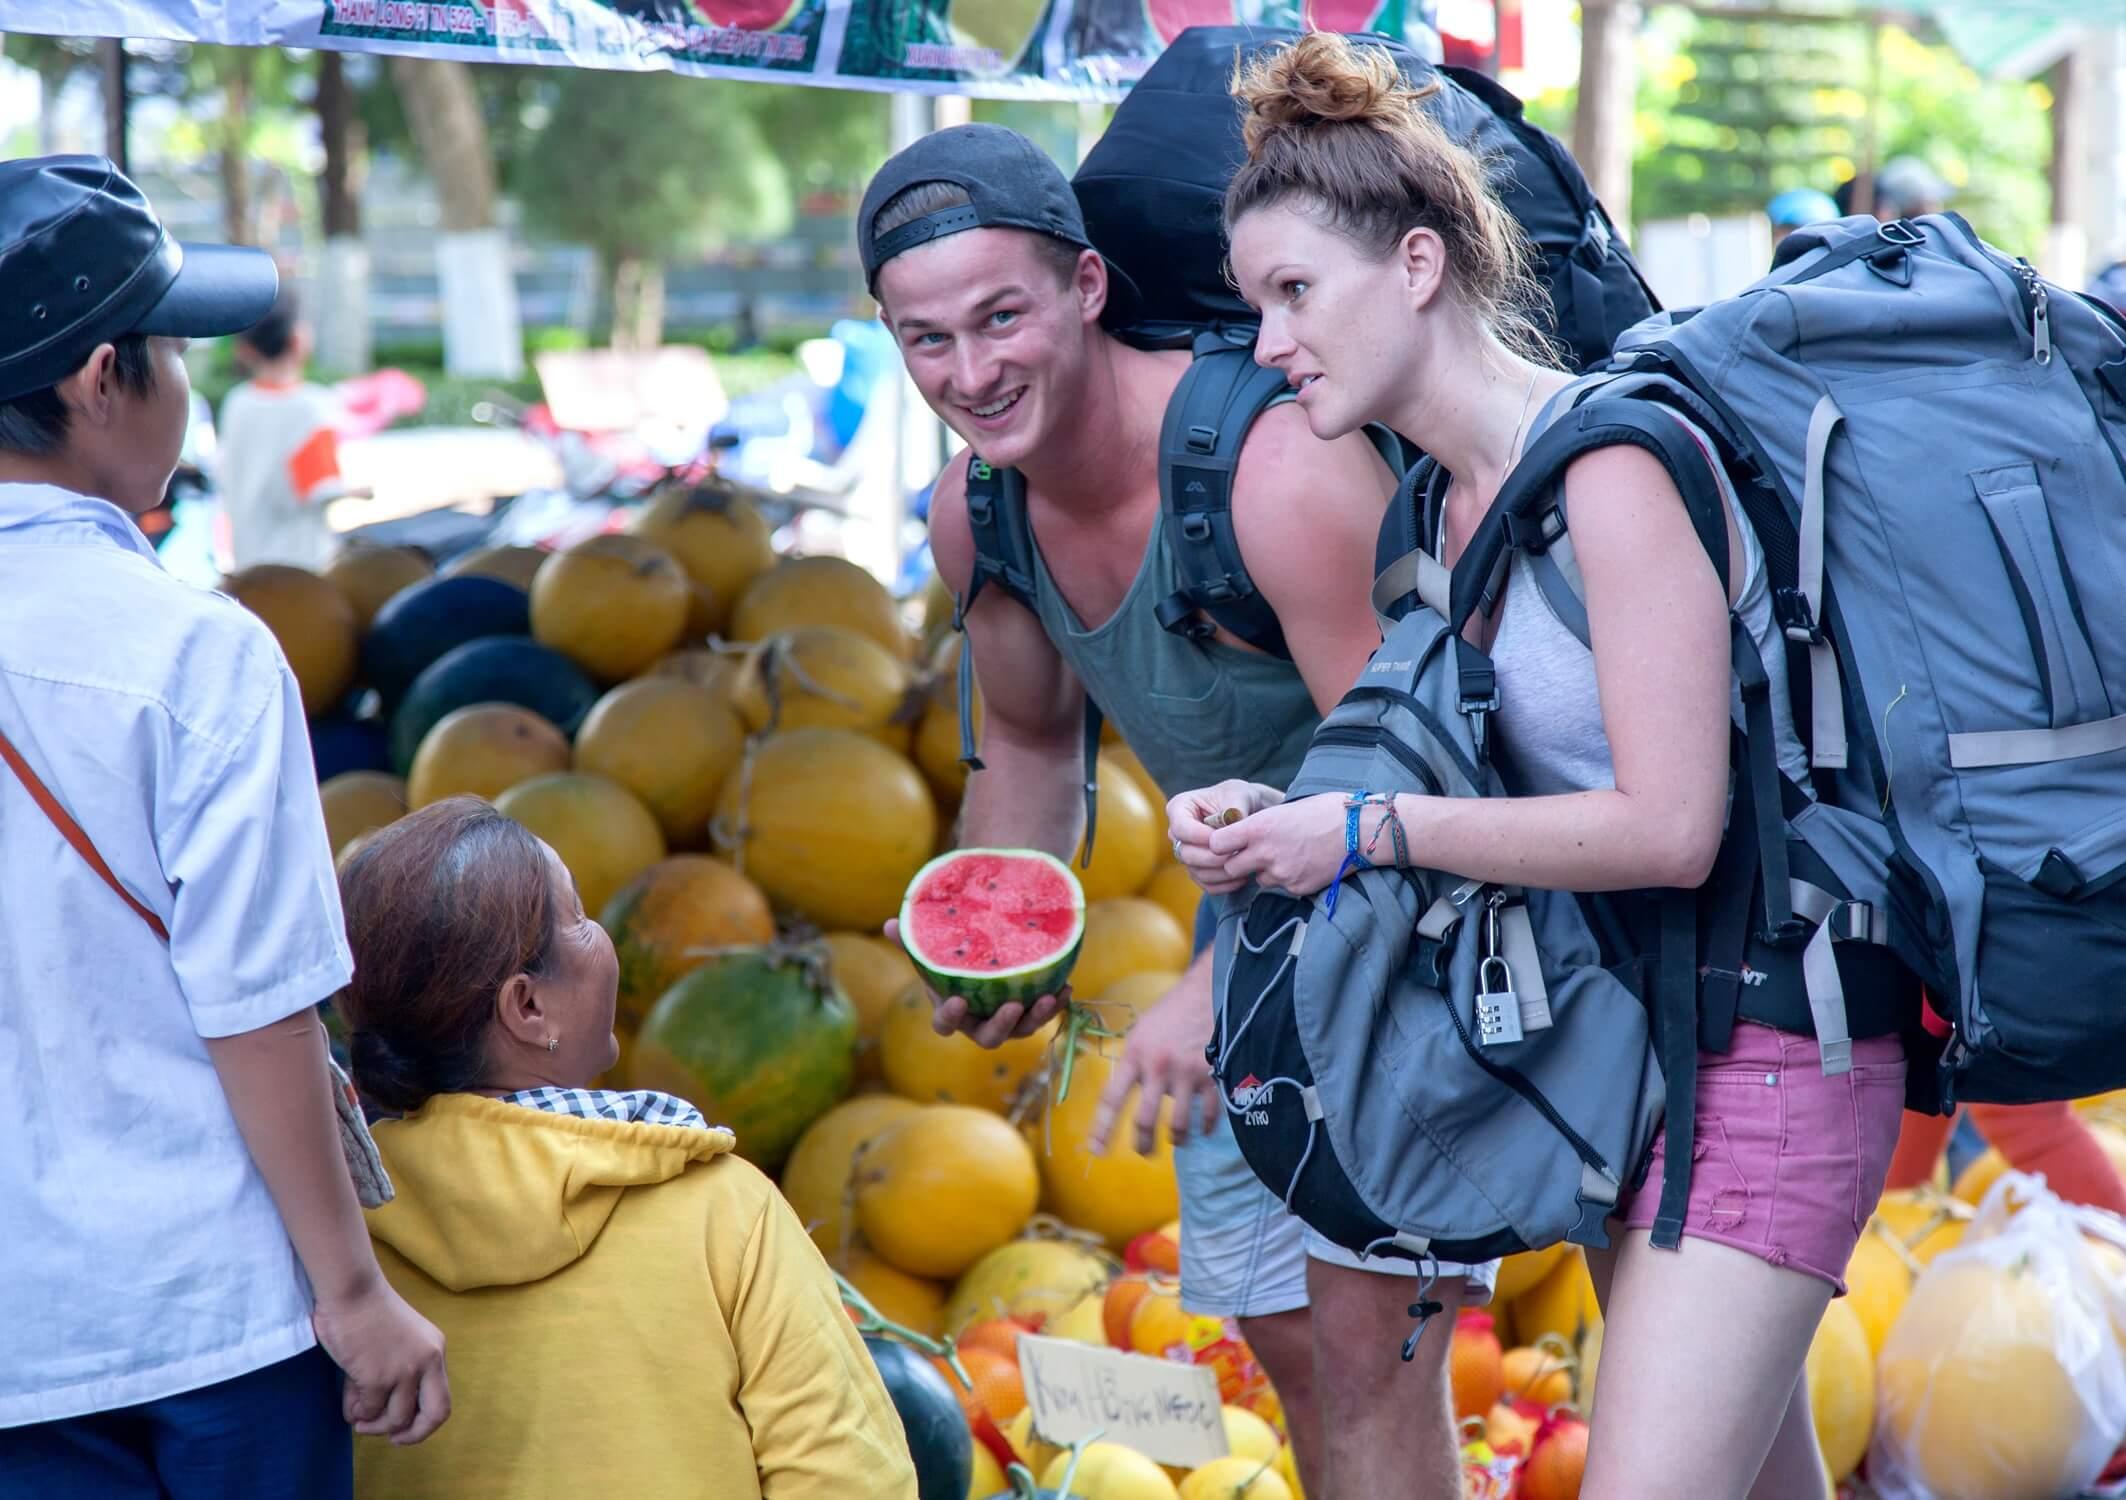 Beim Auslandsjahr nach dem Abi: Backpacker verhandeln mit Einheimischen um Obst